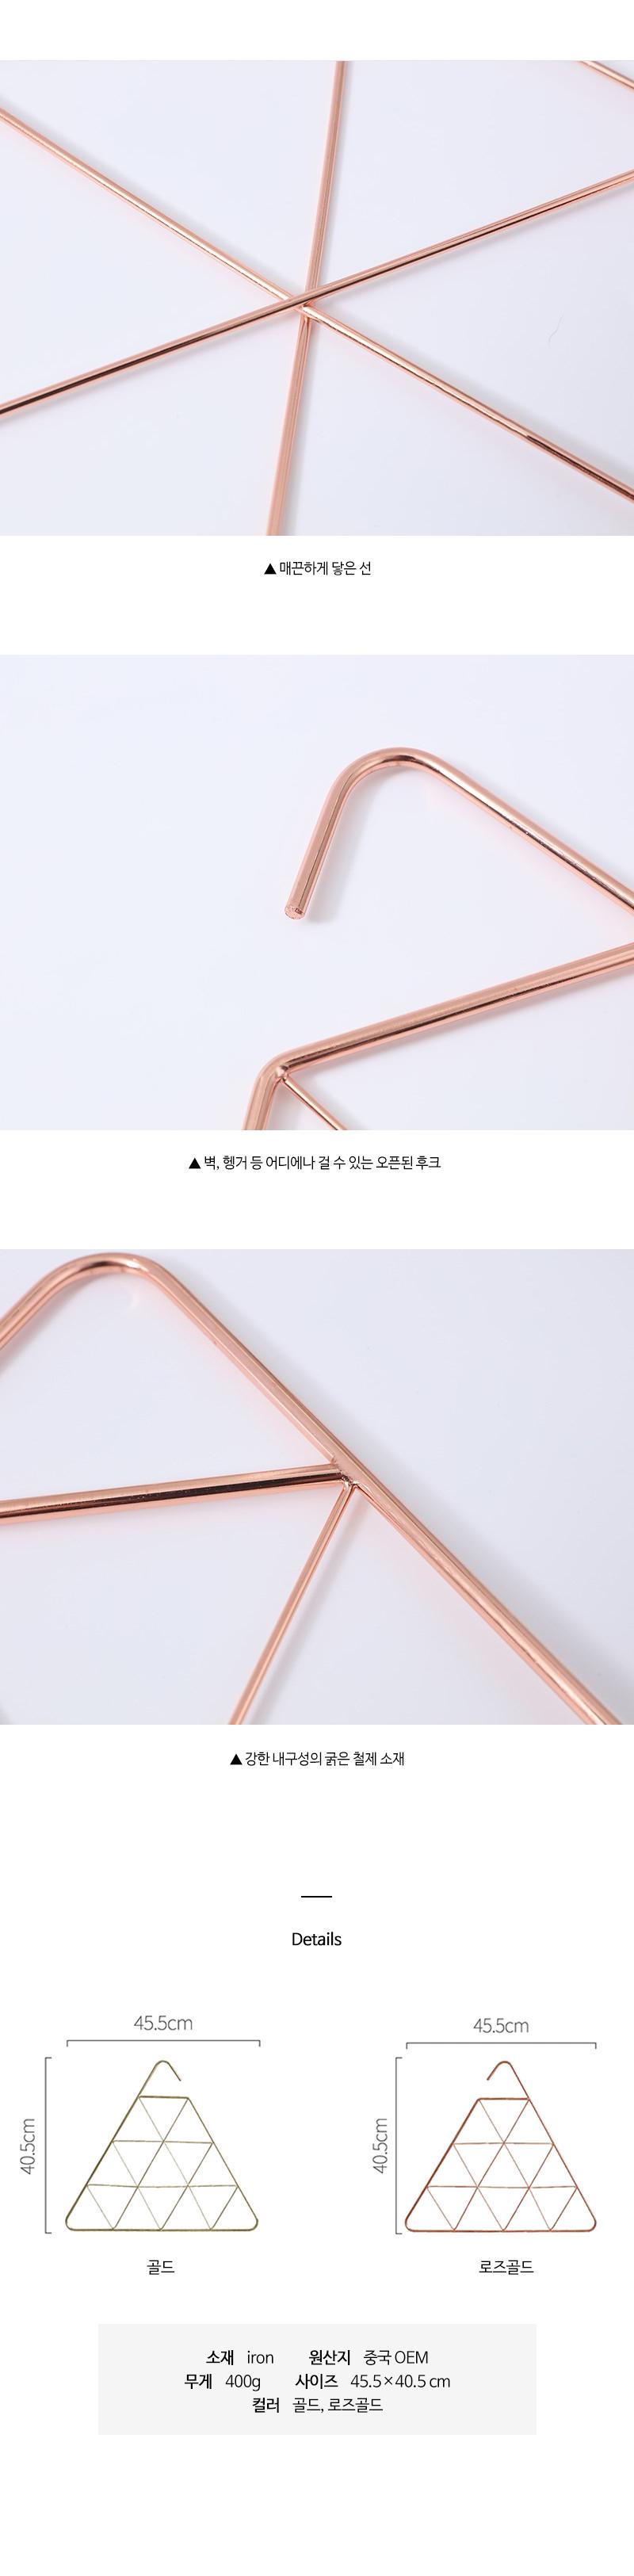 철제 트라이앵글 스카프 홀더 - 낭만스튜디오, 22,000원, 행거/드레스룸/옷걸이, 다용도훅/홀더랙